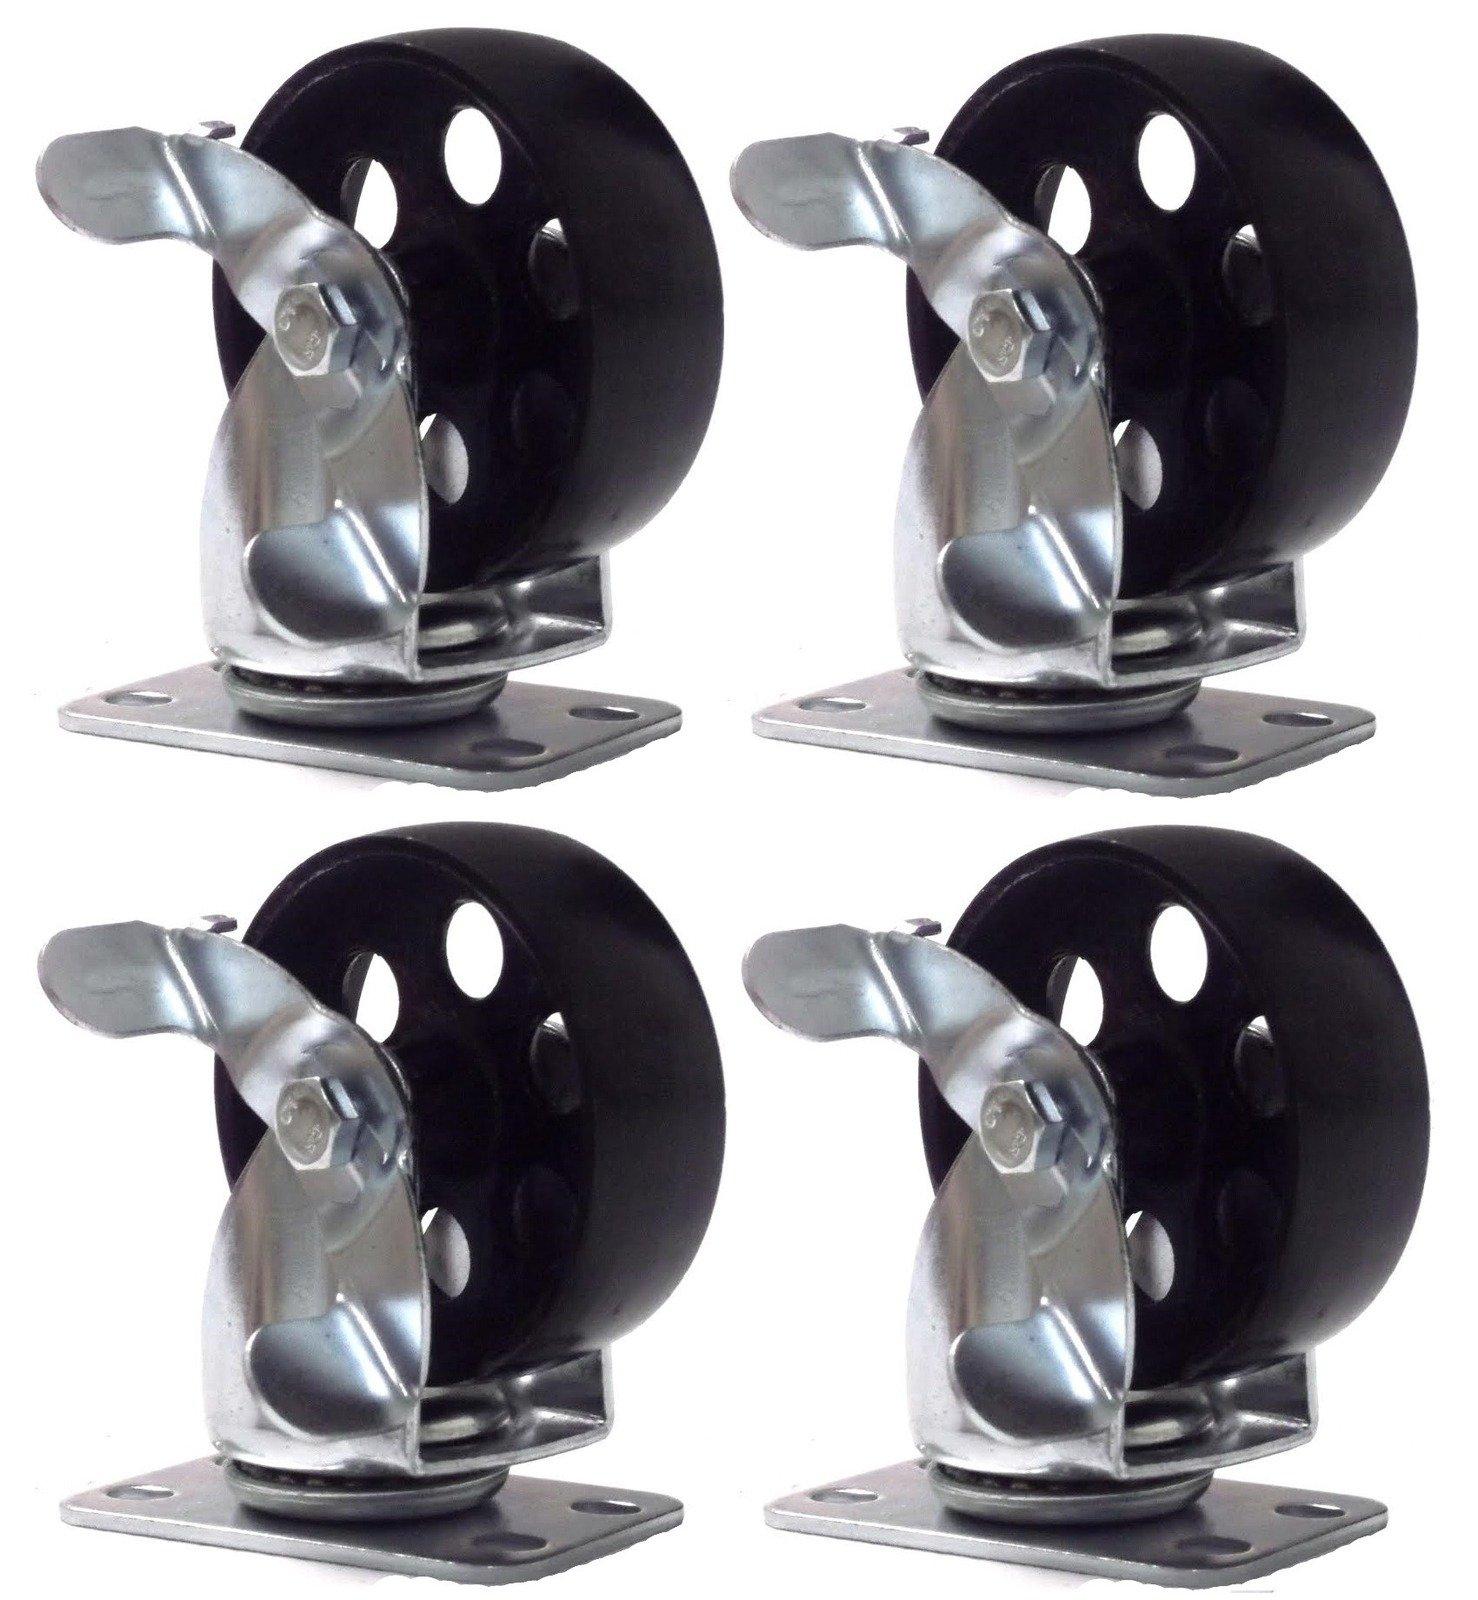 Online Best Service 4 Large All Steel Swivel Plate Caster W Brake Lock Heavy Duty 3.5'' Wheel by Online Best Service